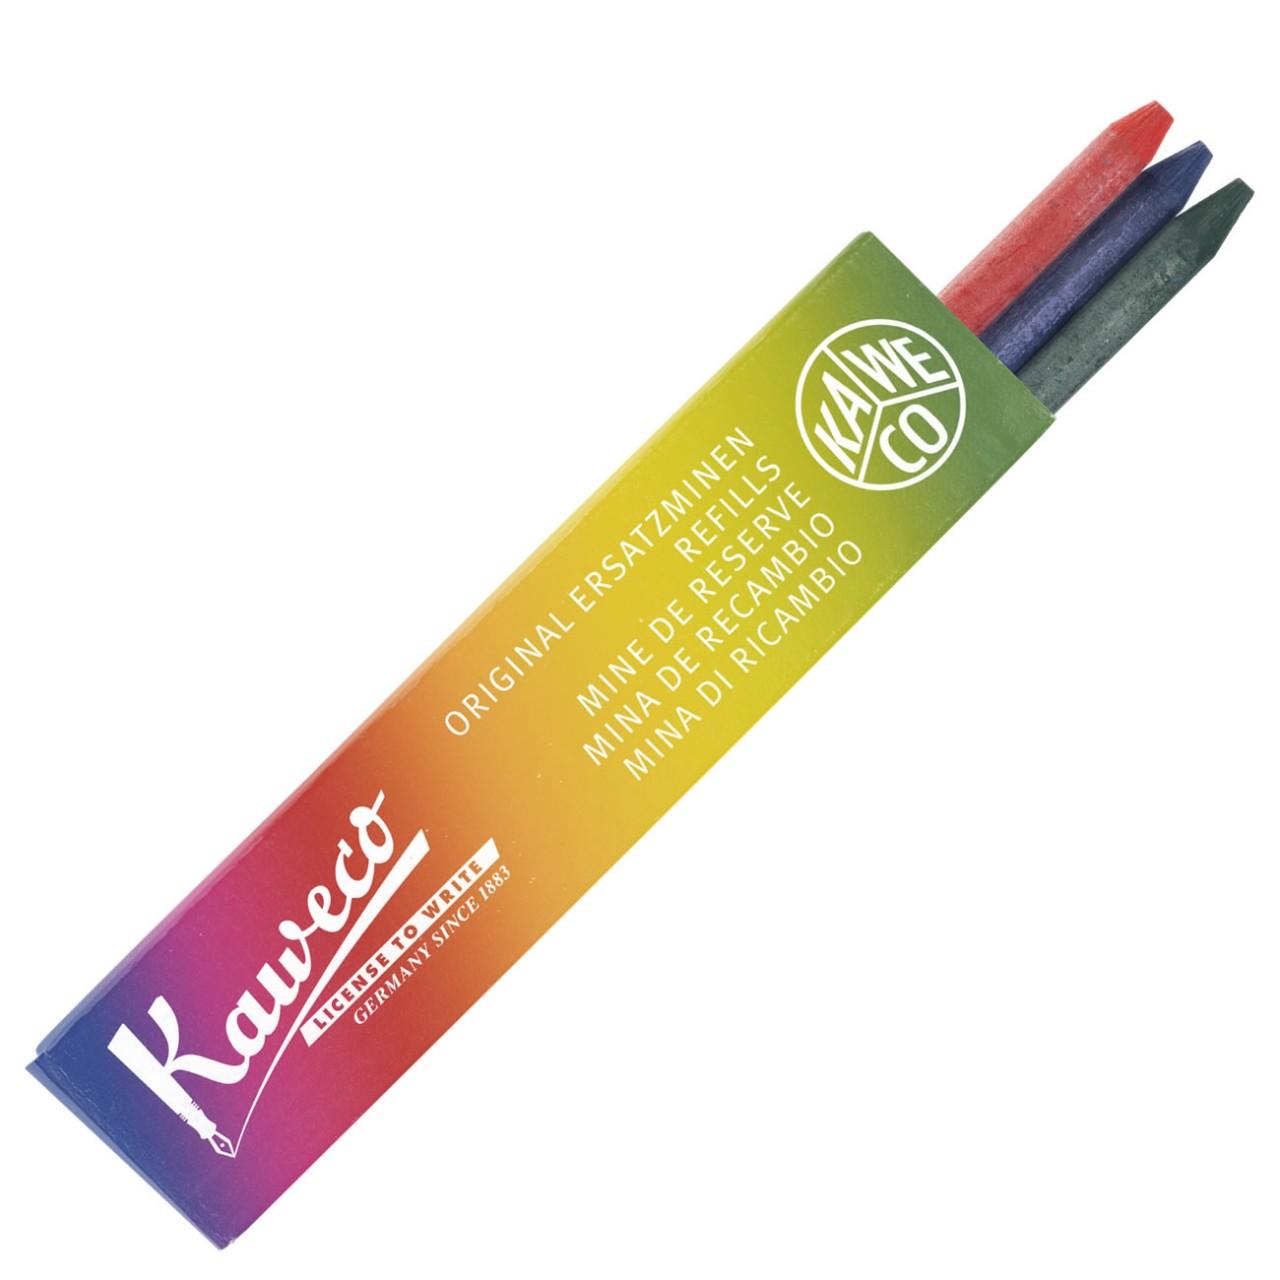 Kaweco 3 Allesschreiberminen 5,6 mm